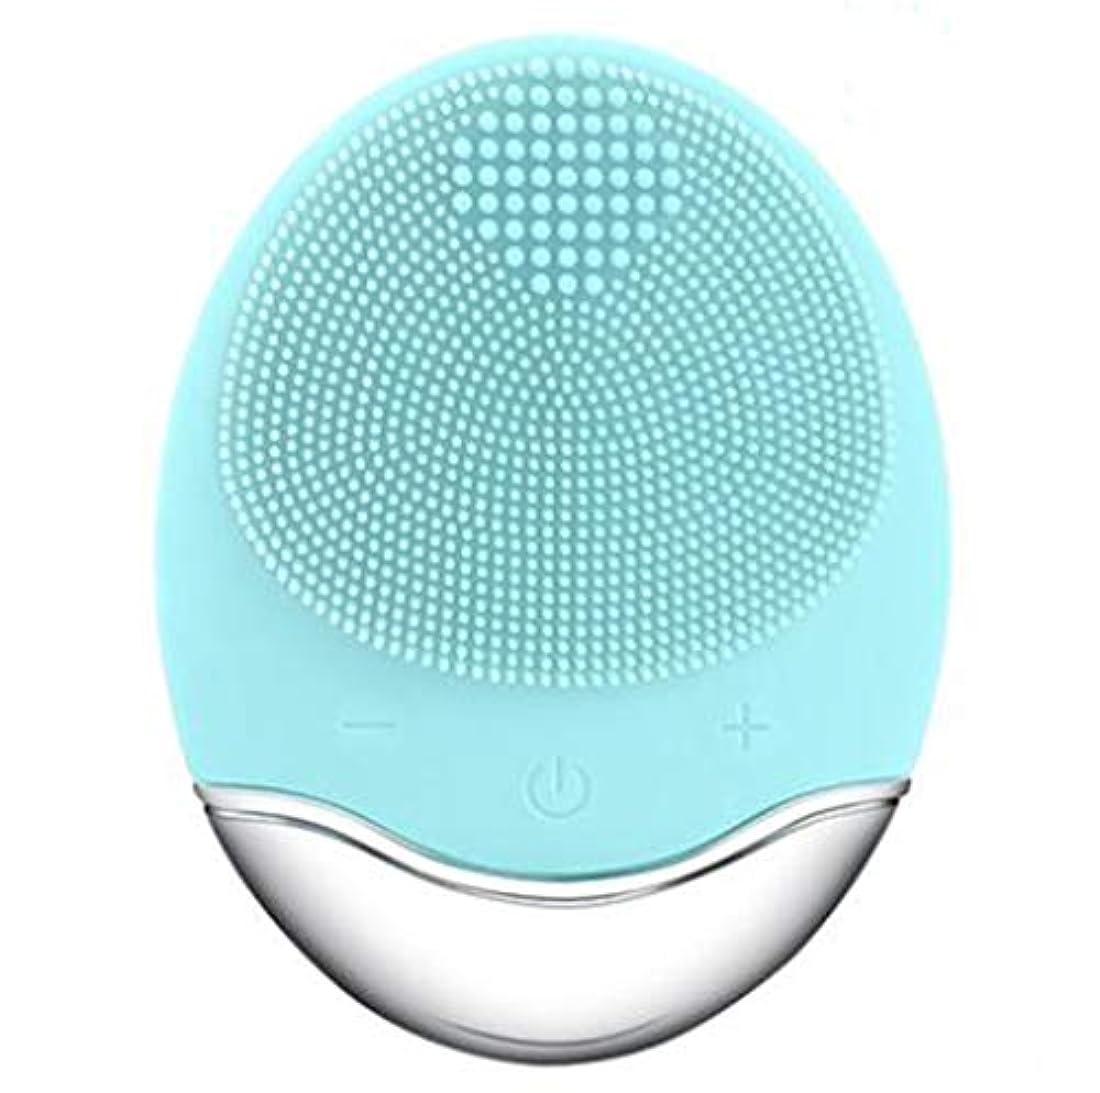 協定頼る状況シリコーン電気クレンジング器具、洗顔毛穴クリーナーマッサージフェイス、イントロデューサー + クレンジング器具 (1 つ2個),Green